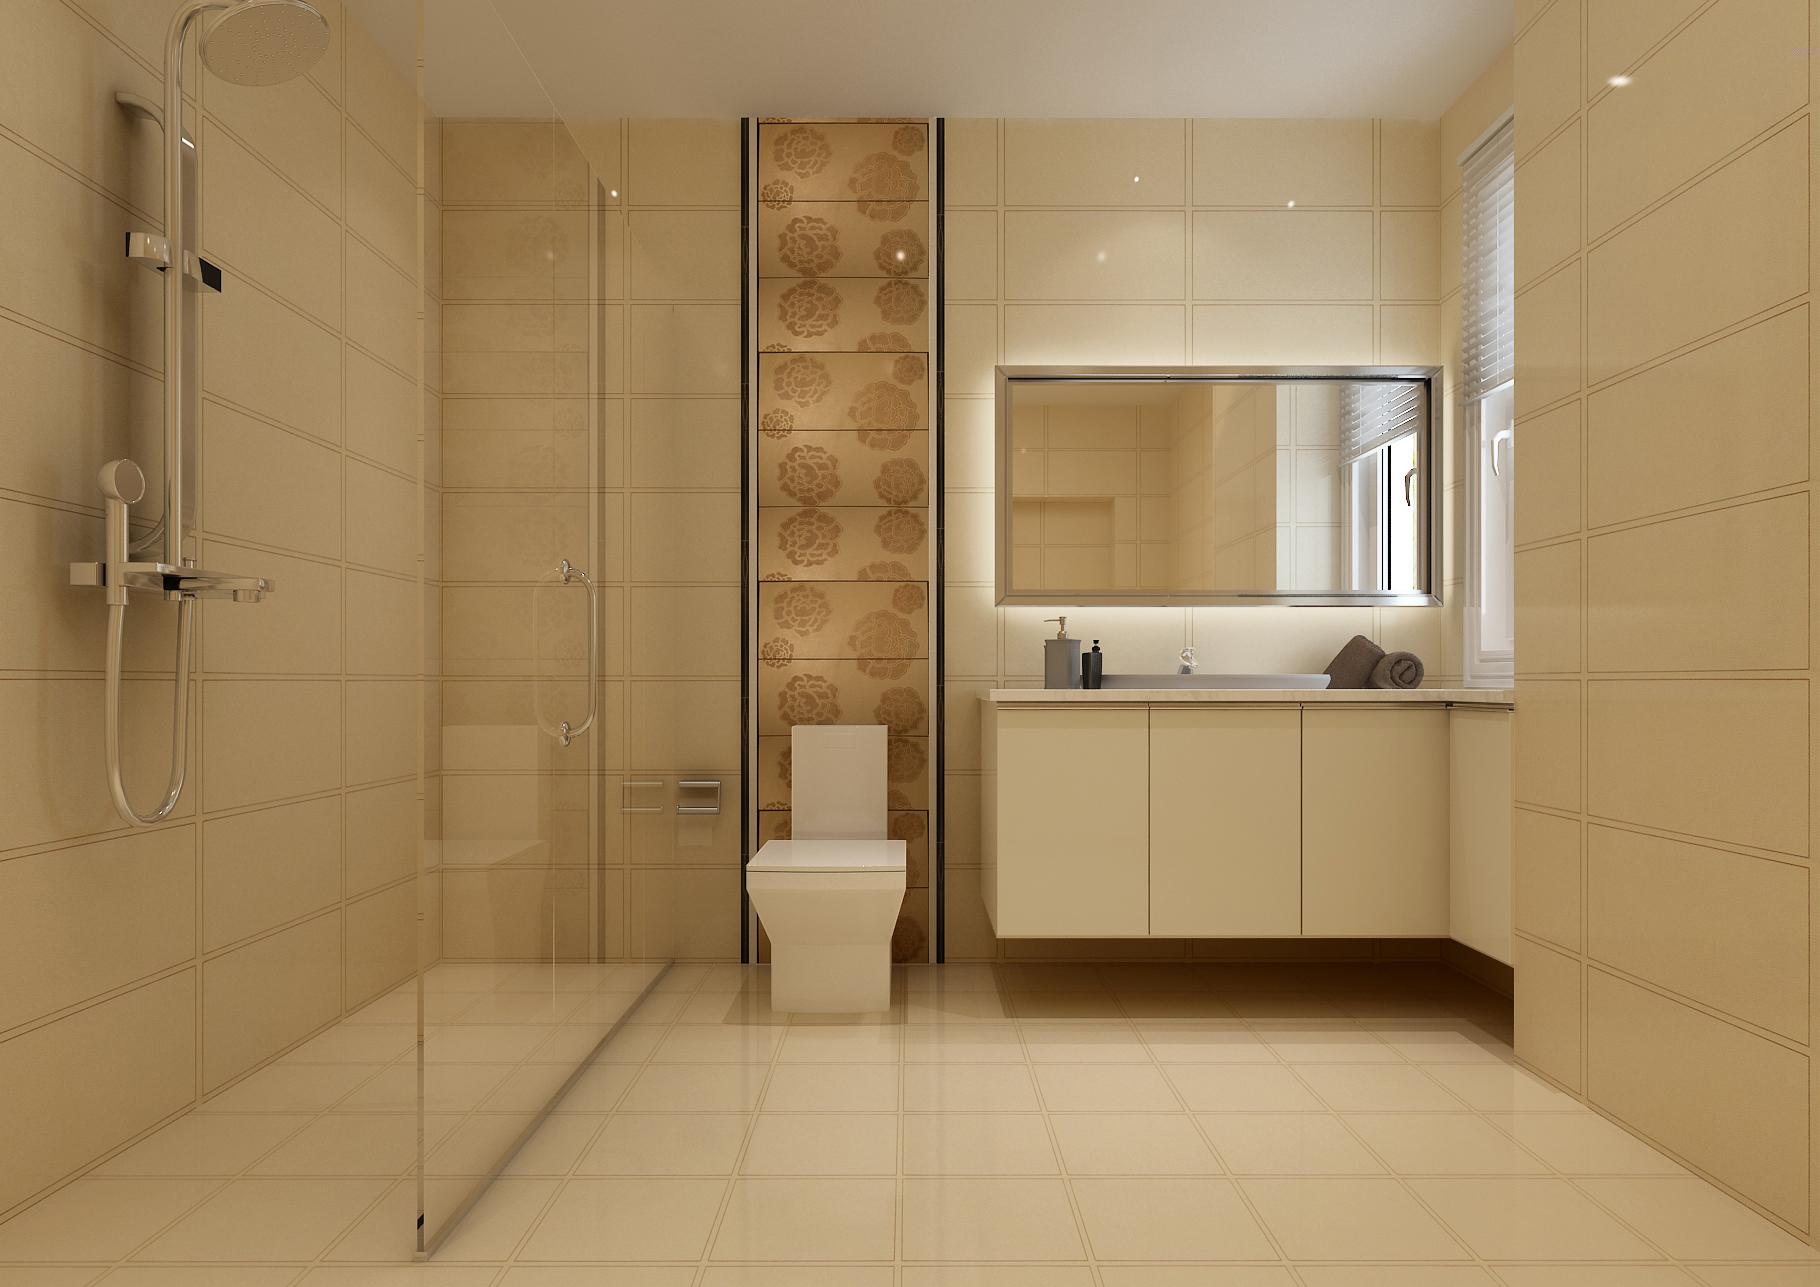 现代简约卫生间装修效果图欣赏